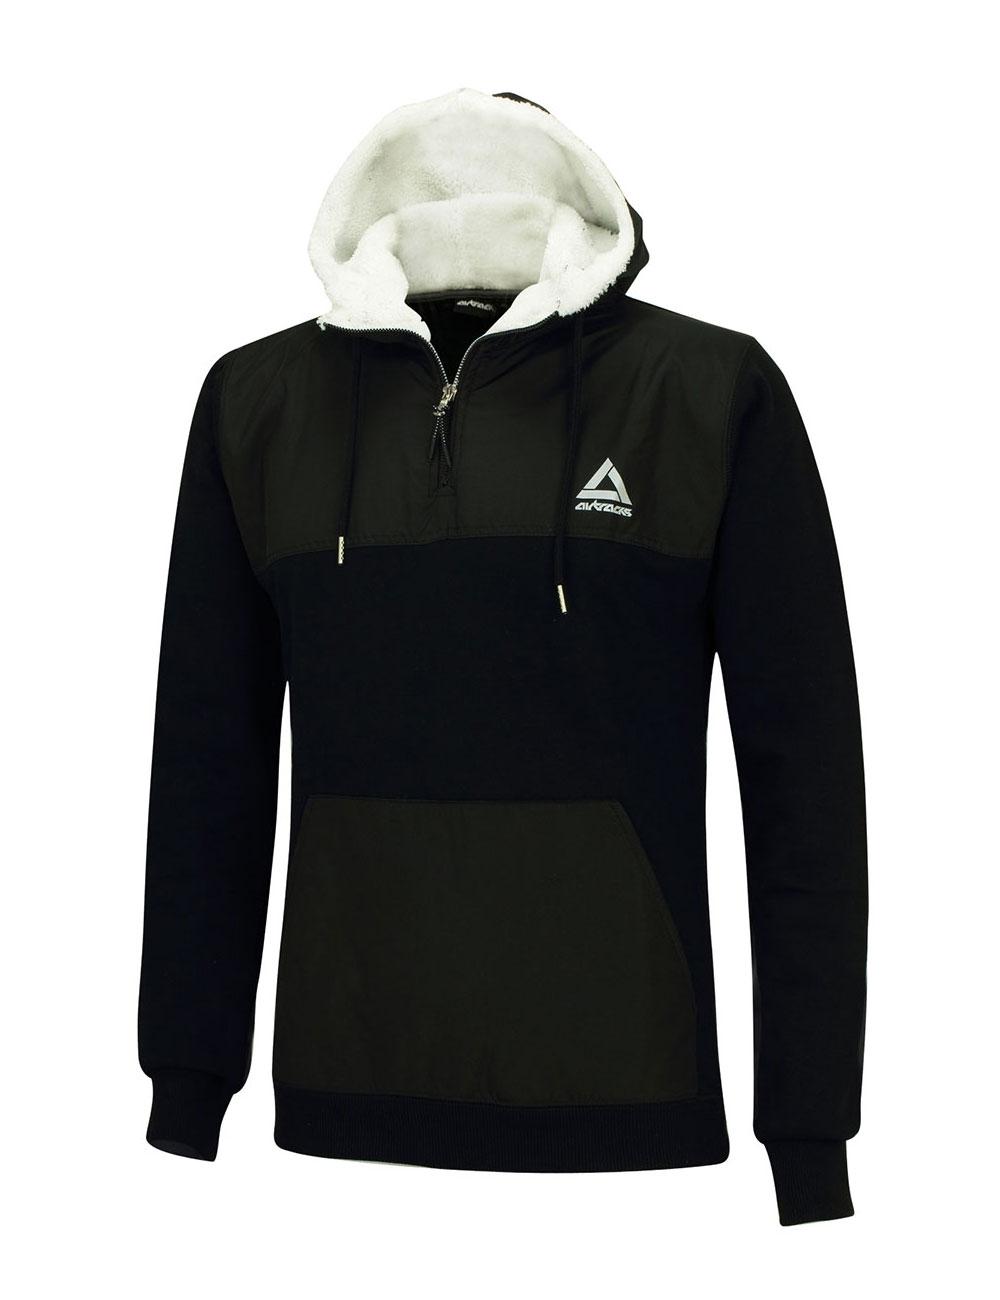 Streetwear Online Shop | Sweatshirts für Damen + Herren